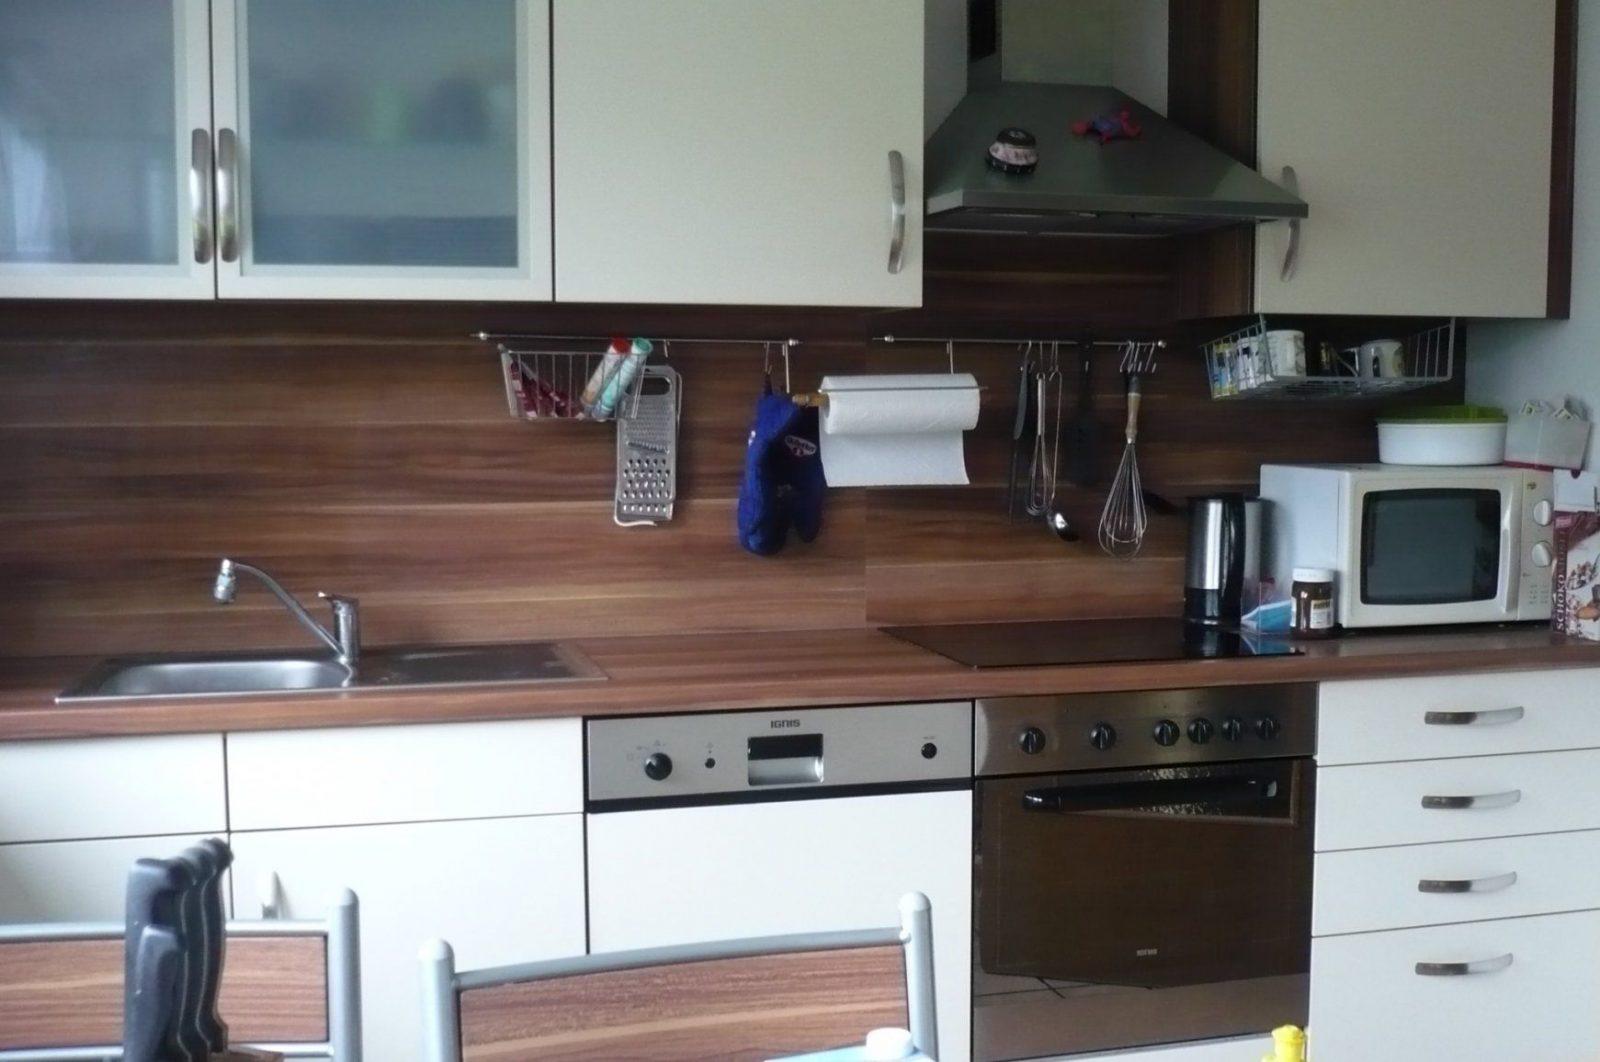 Stunning Gebrauchte Küchen In Köln Ideas  Amazing Home Ideas von Gebrauchte Küchen In Köln Bild